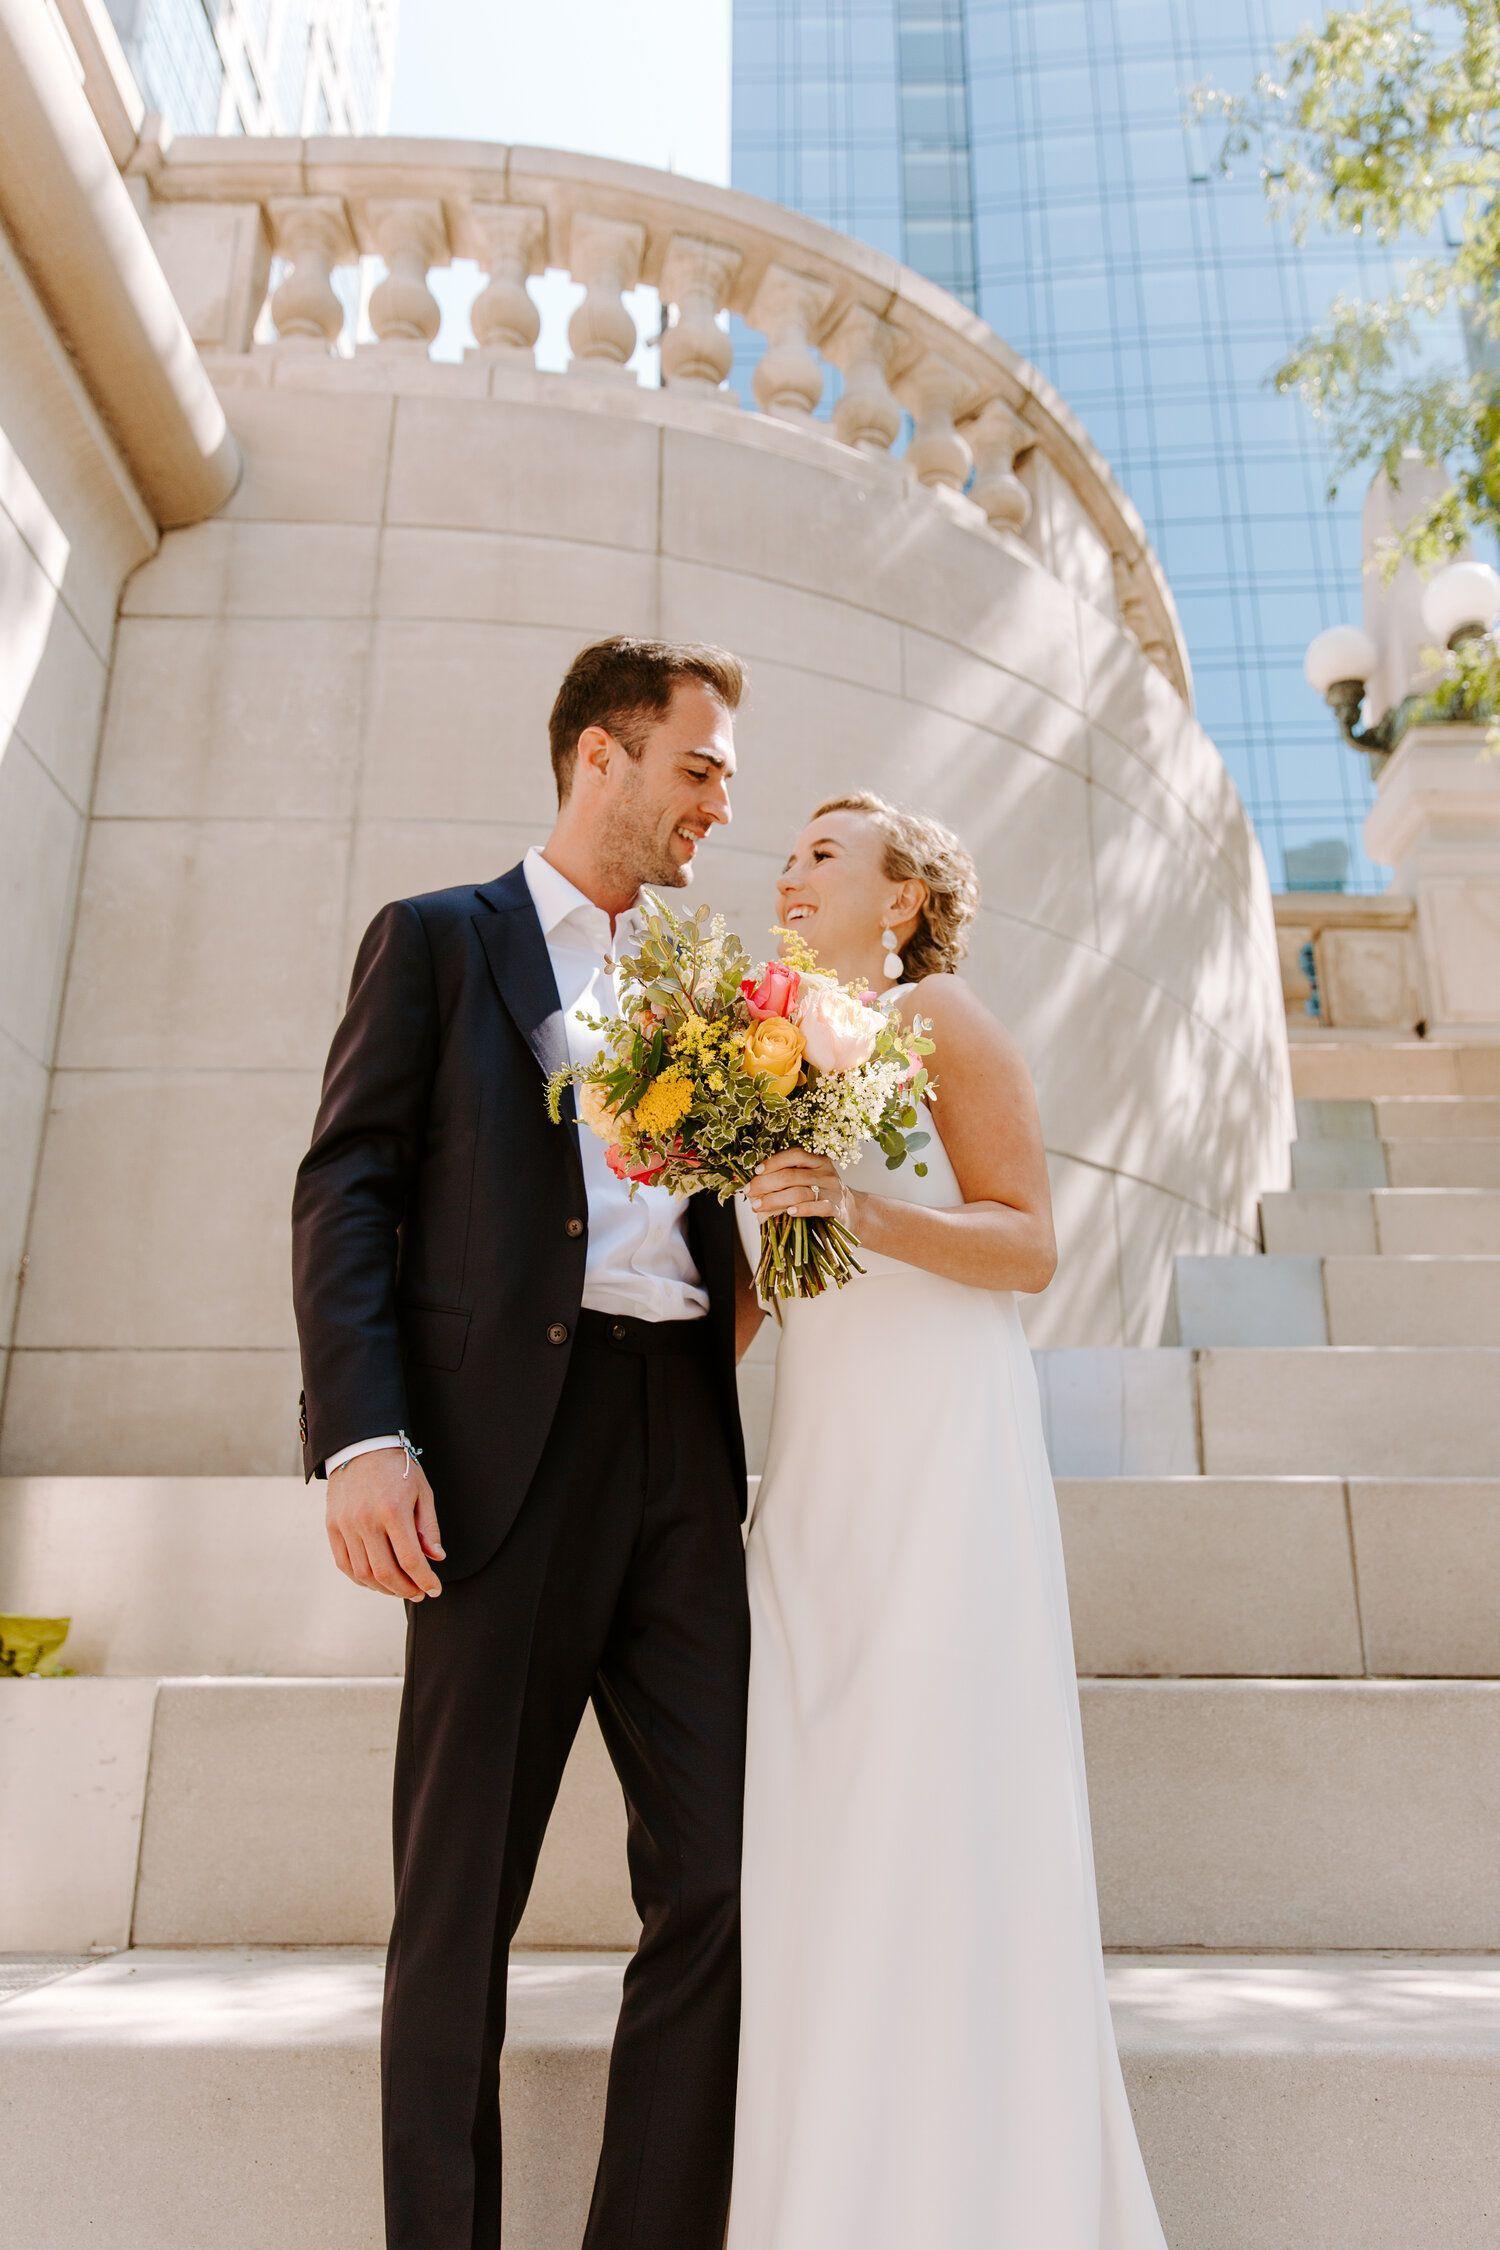 Nathalie Kenneth Chicago Illinois Wedding Ben Ramos Photography In 2020 Chicago Wedding Photography Wedding Photography Company Wedding